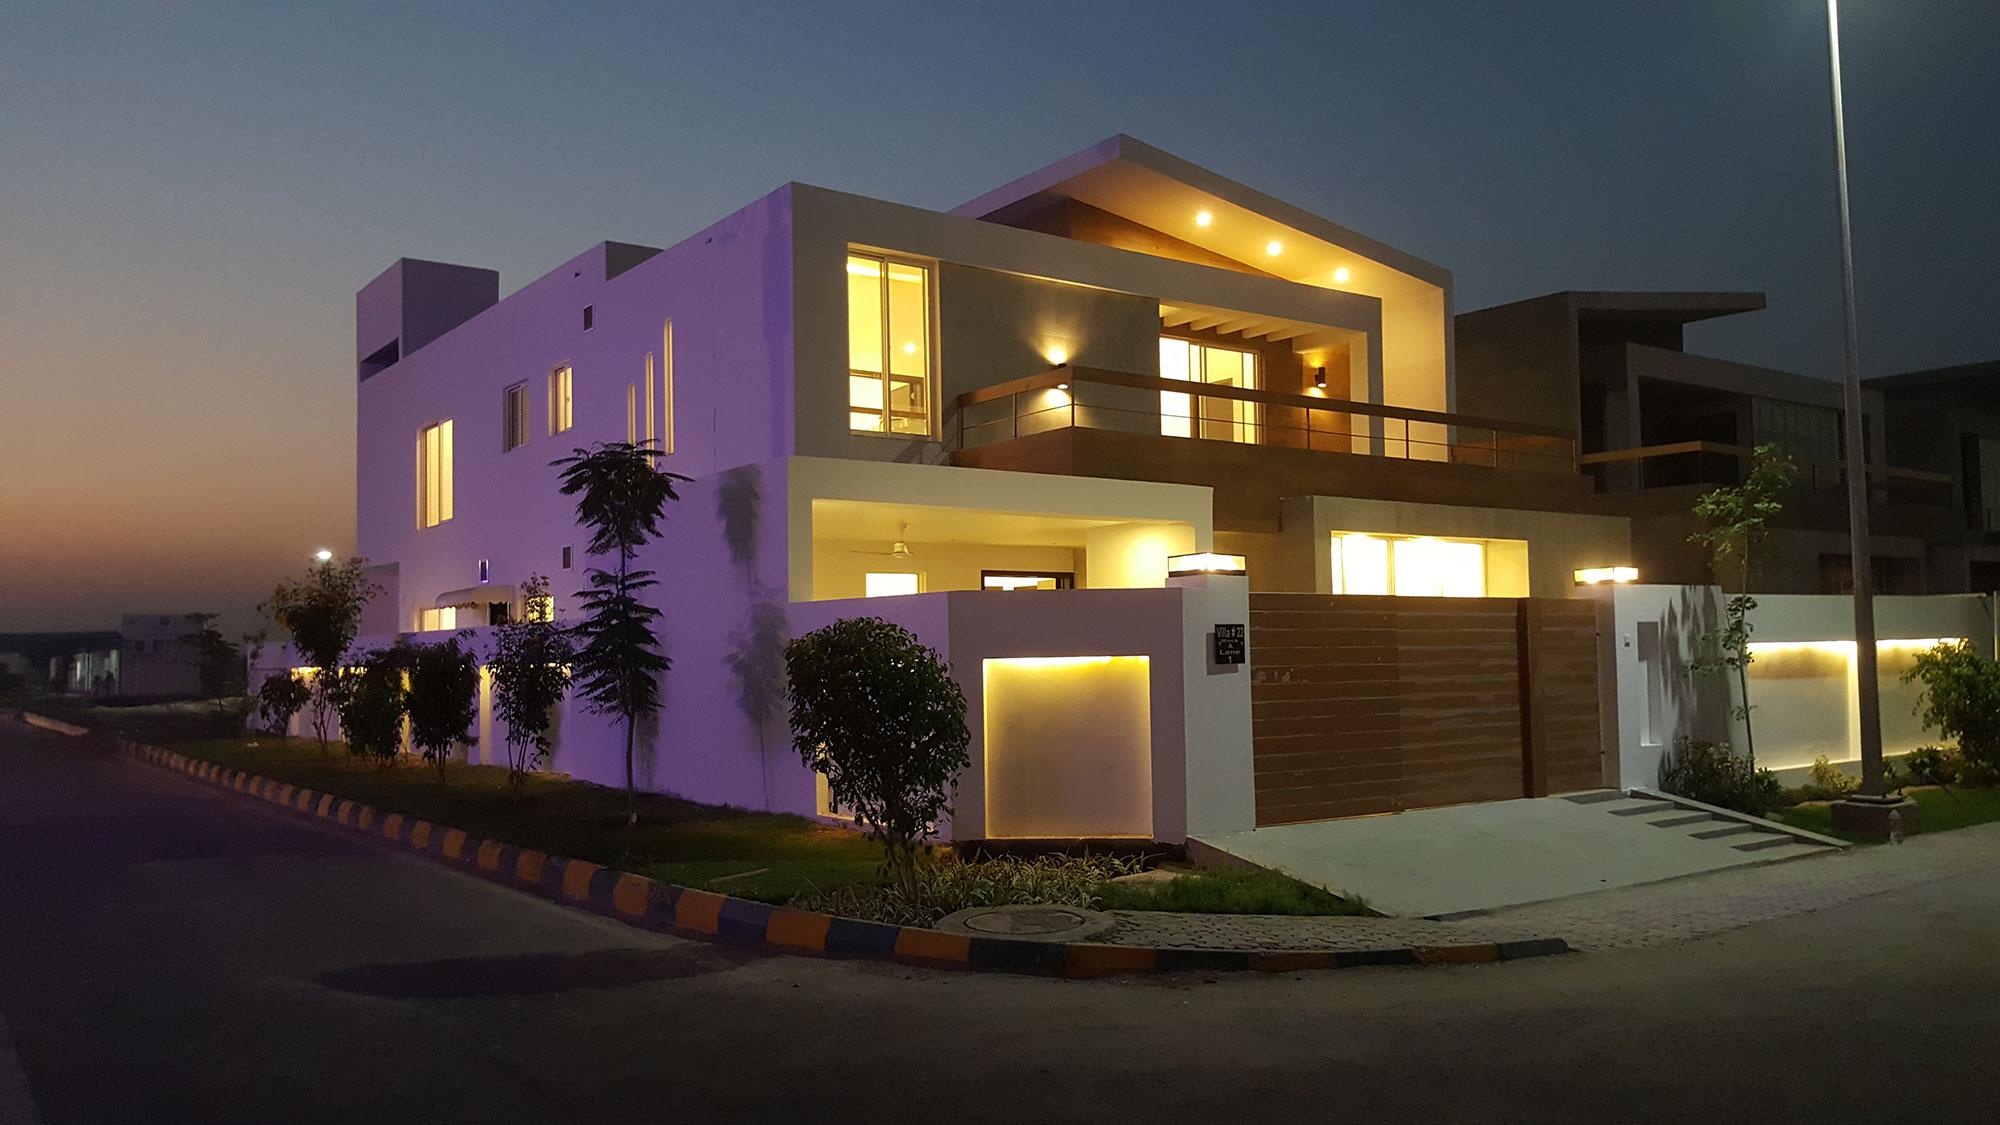 1 Kanal Villas Multan – New Home in Multan – Nova Homes